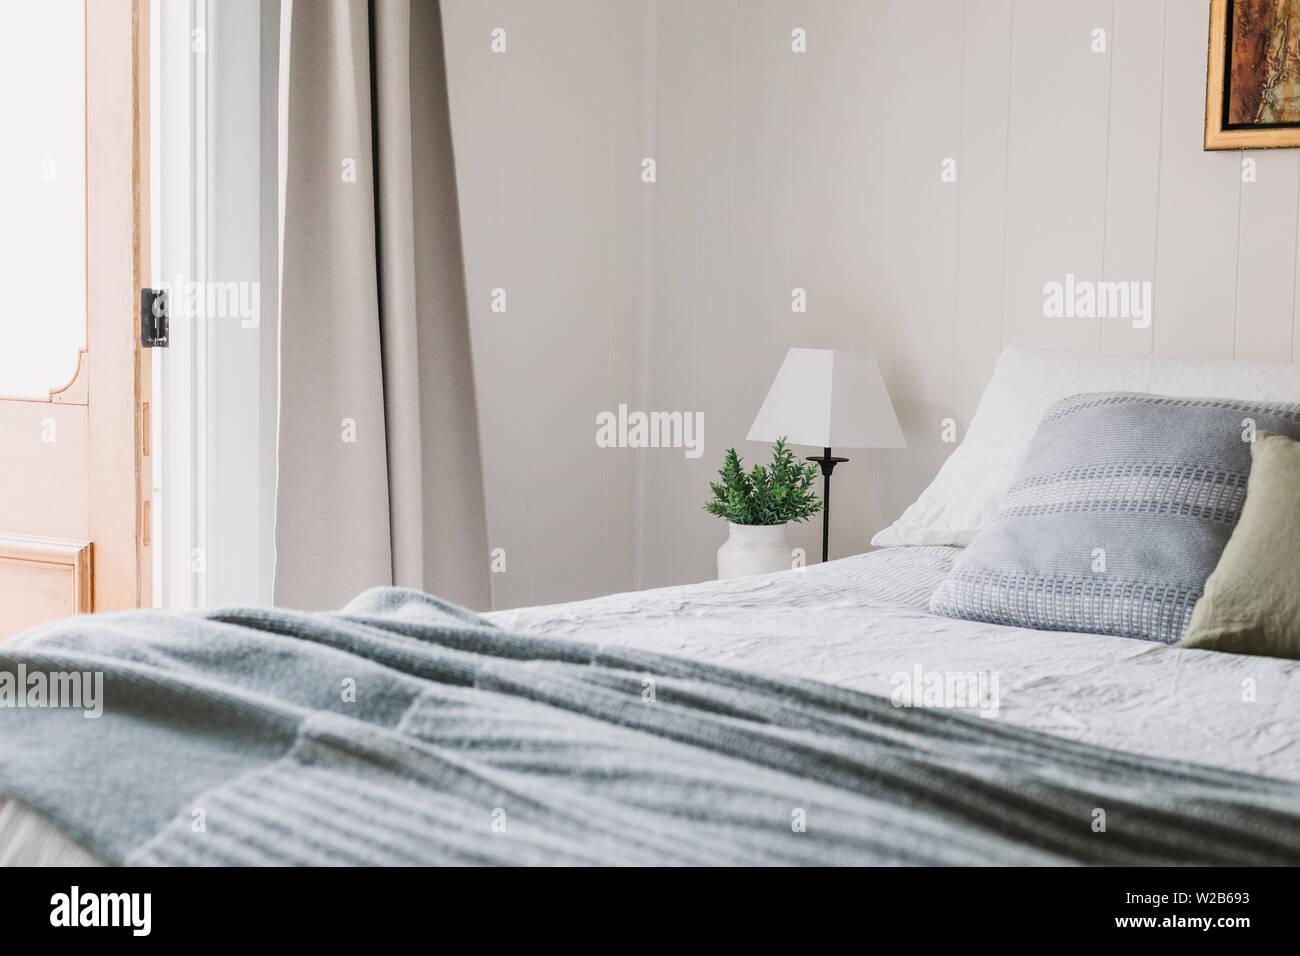 Testata Letto Con Porta Vecchia legname della camera da letto del paese immagini & legname